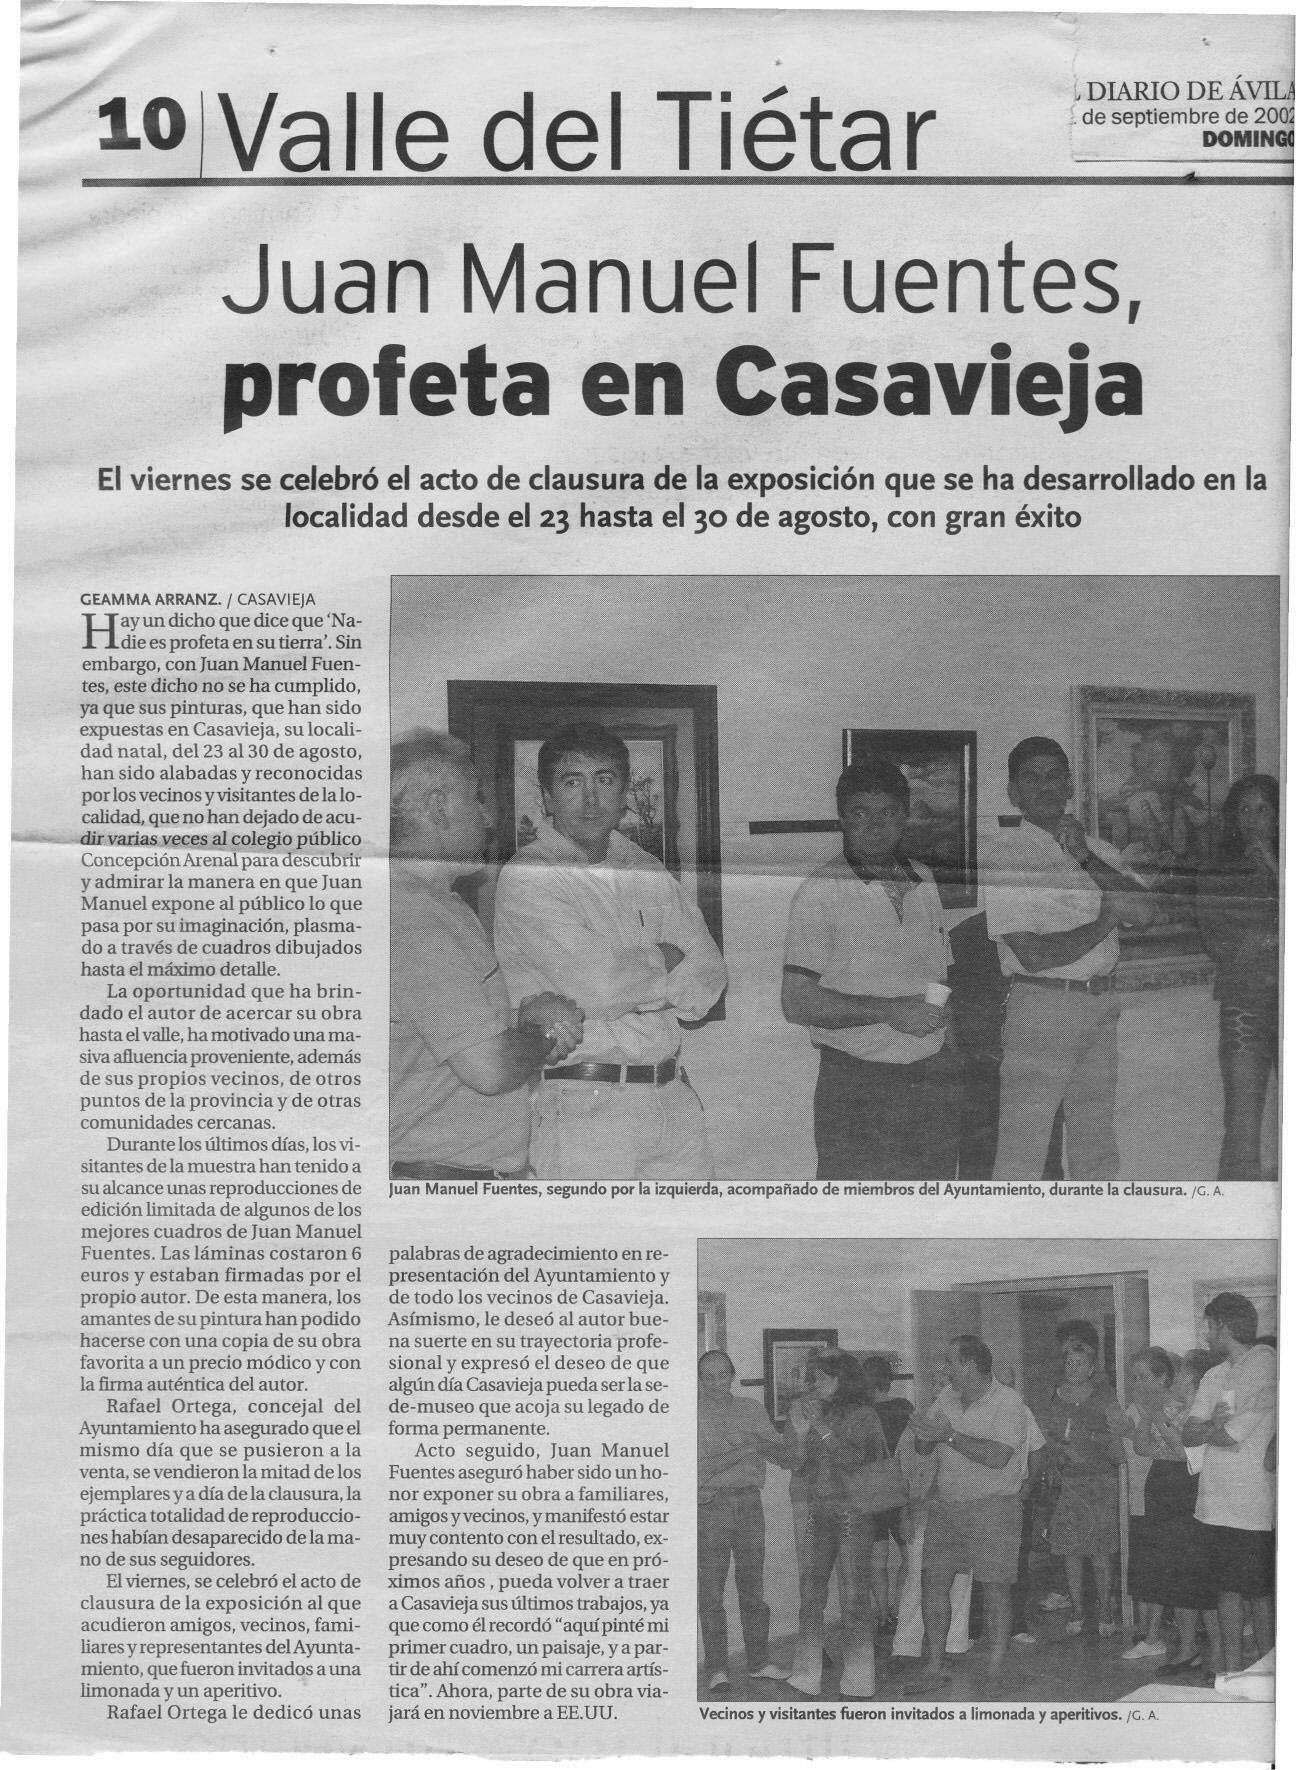 Diario de Avila